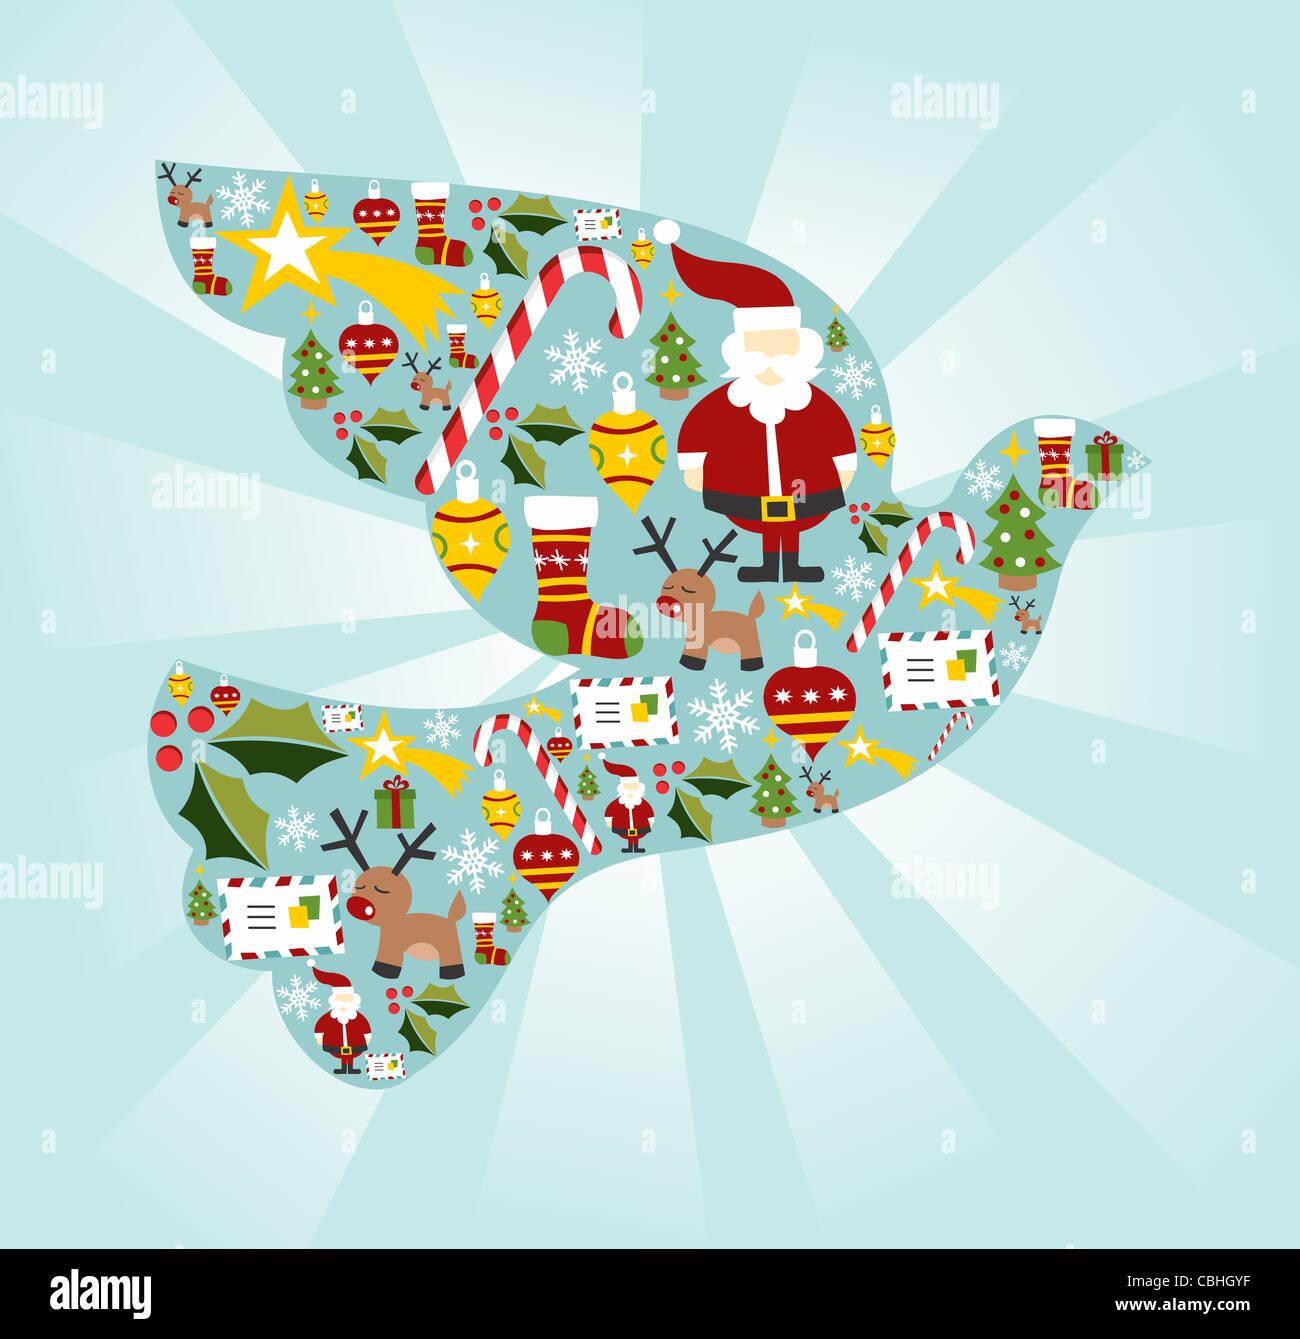 L'icône de Noël colombe de la paix situé au fond de la forme. Fichier vecteur disponible. Photo Stock